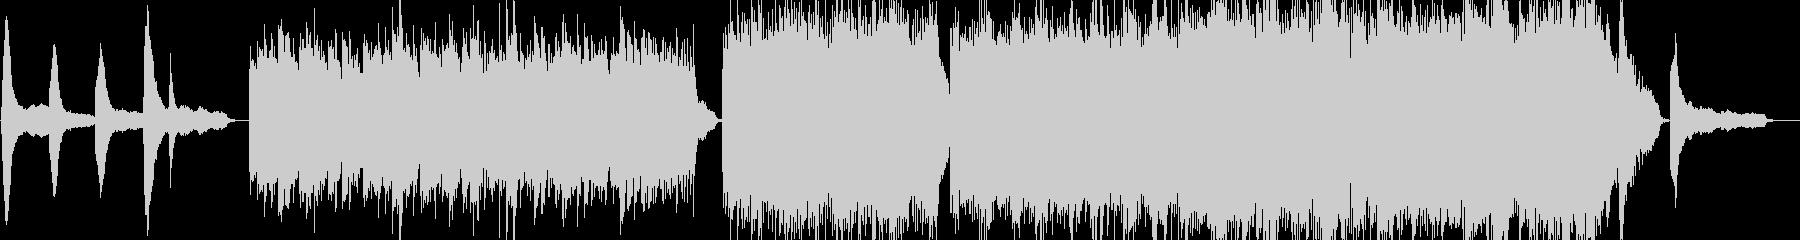 企業VP4 16bit48kHzVerの未再生の波形